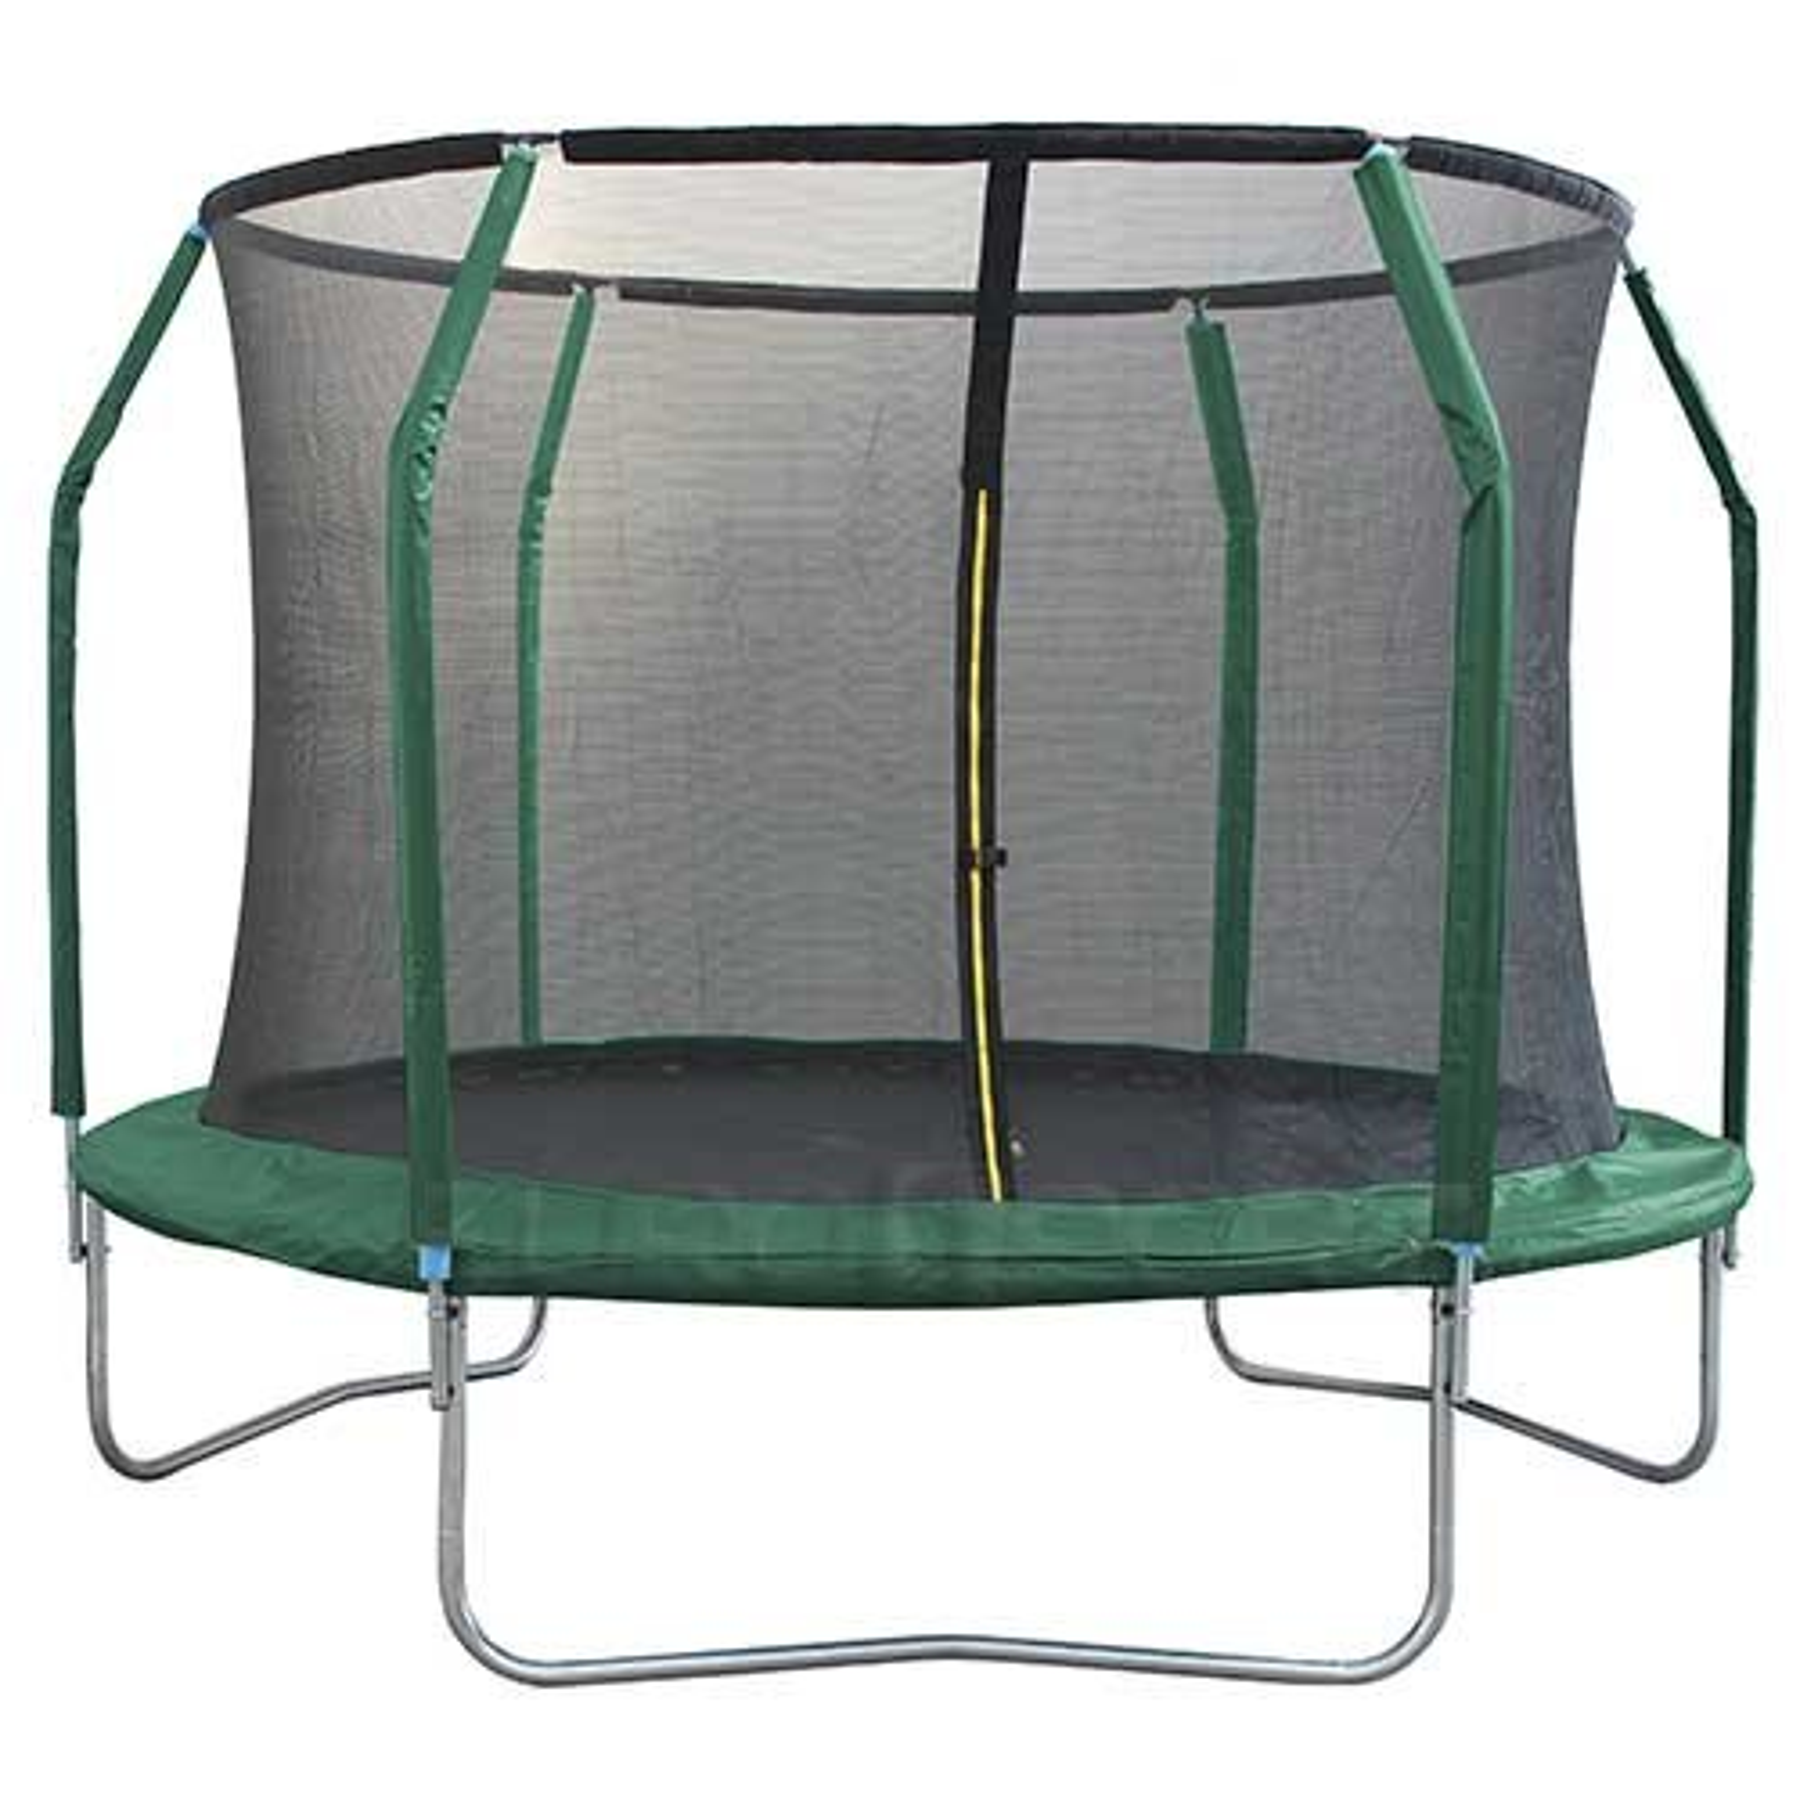 Батут с защит.сеткой (внутрь) без лест. 183 см  6FT-GB10201